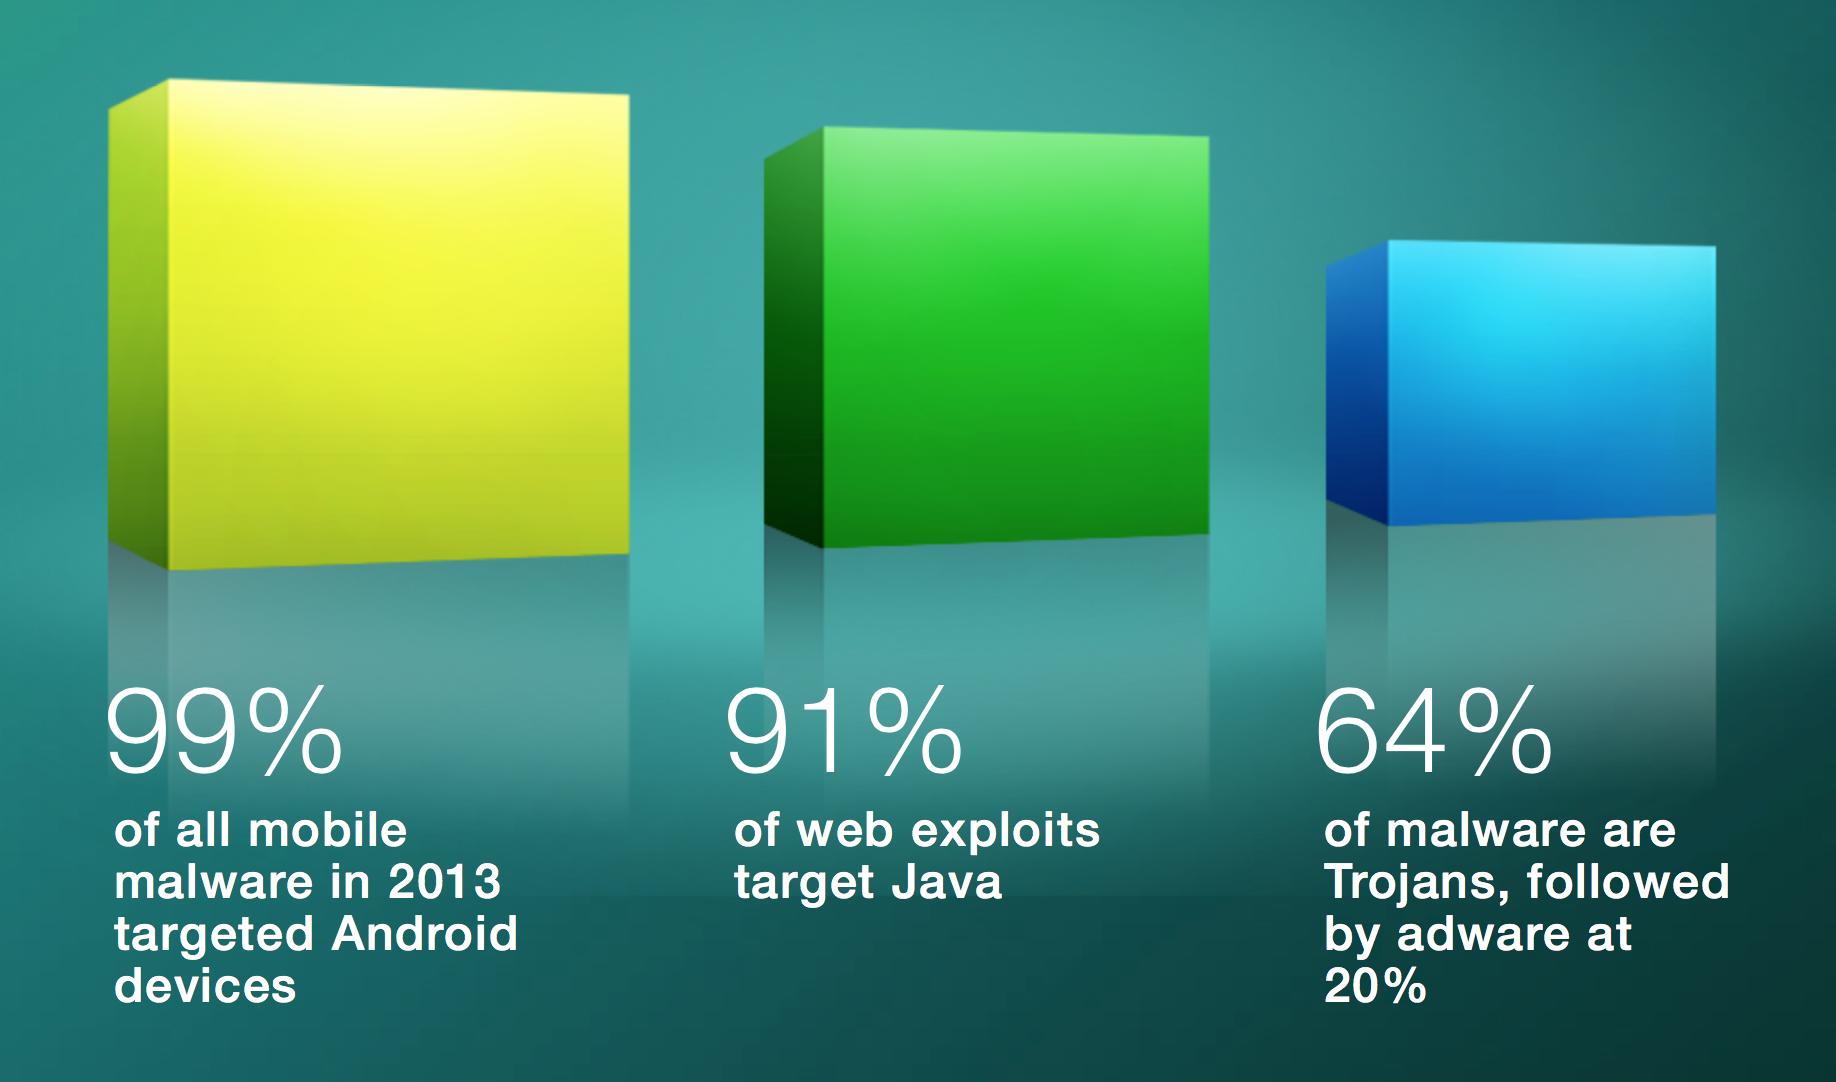 Relatório da Cisco sobre malwares para dispositivos móveis